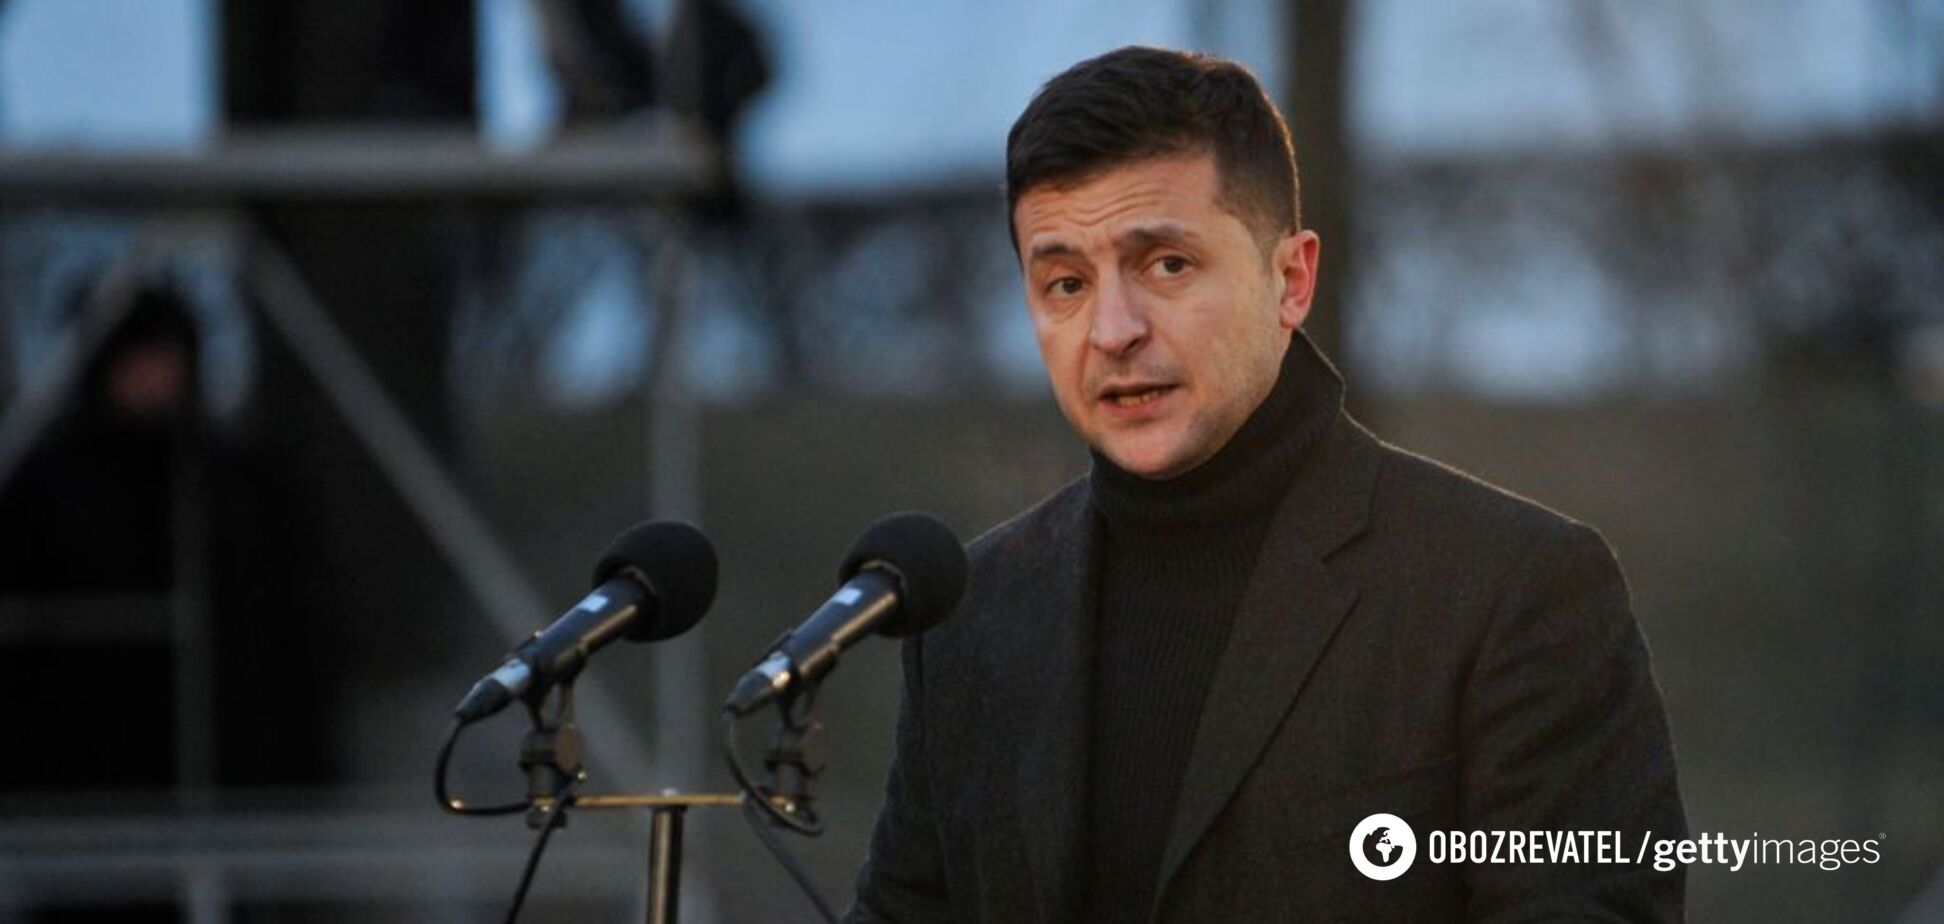 Зеленский публично проигнорировал вопрос о возвращении Крыма. Видео